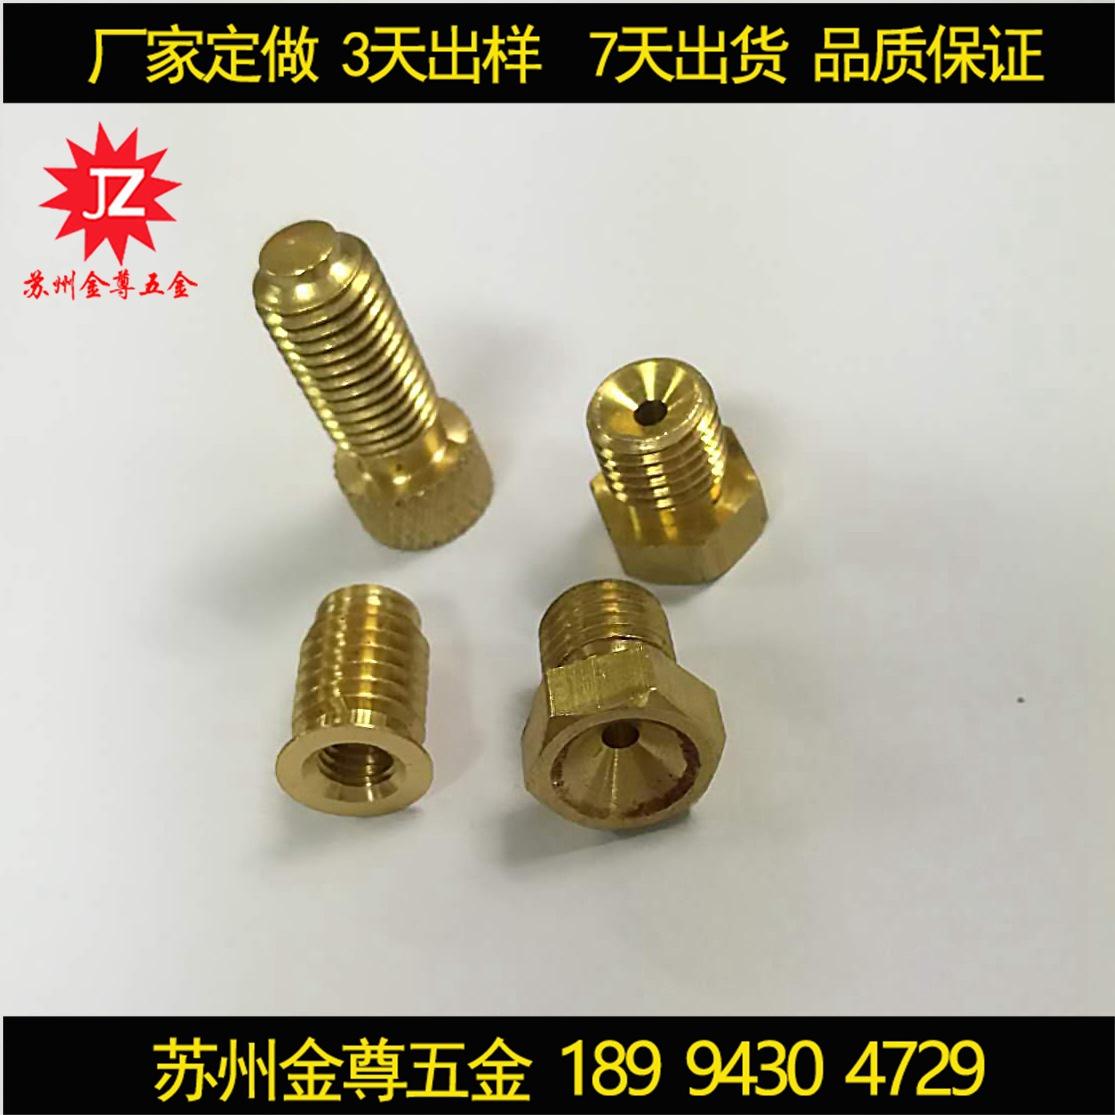 厂家直销 精密车削件 非标紧固件 机加工件 车削件 压铆螺母螺柱